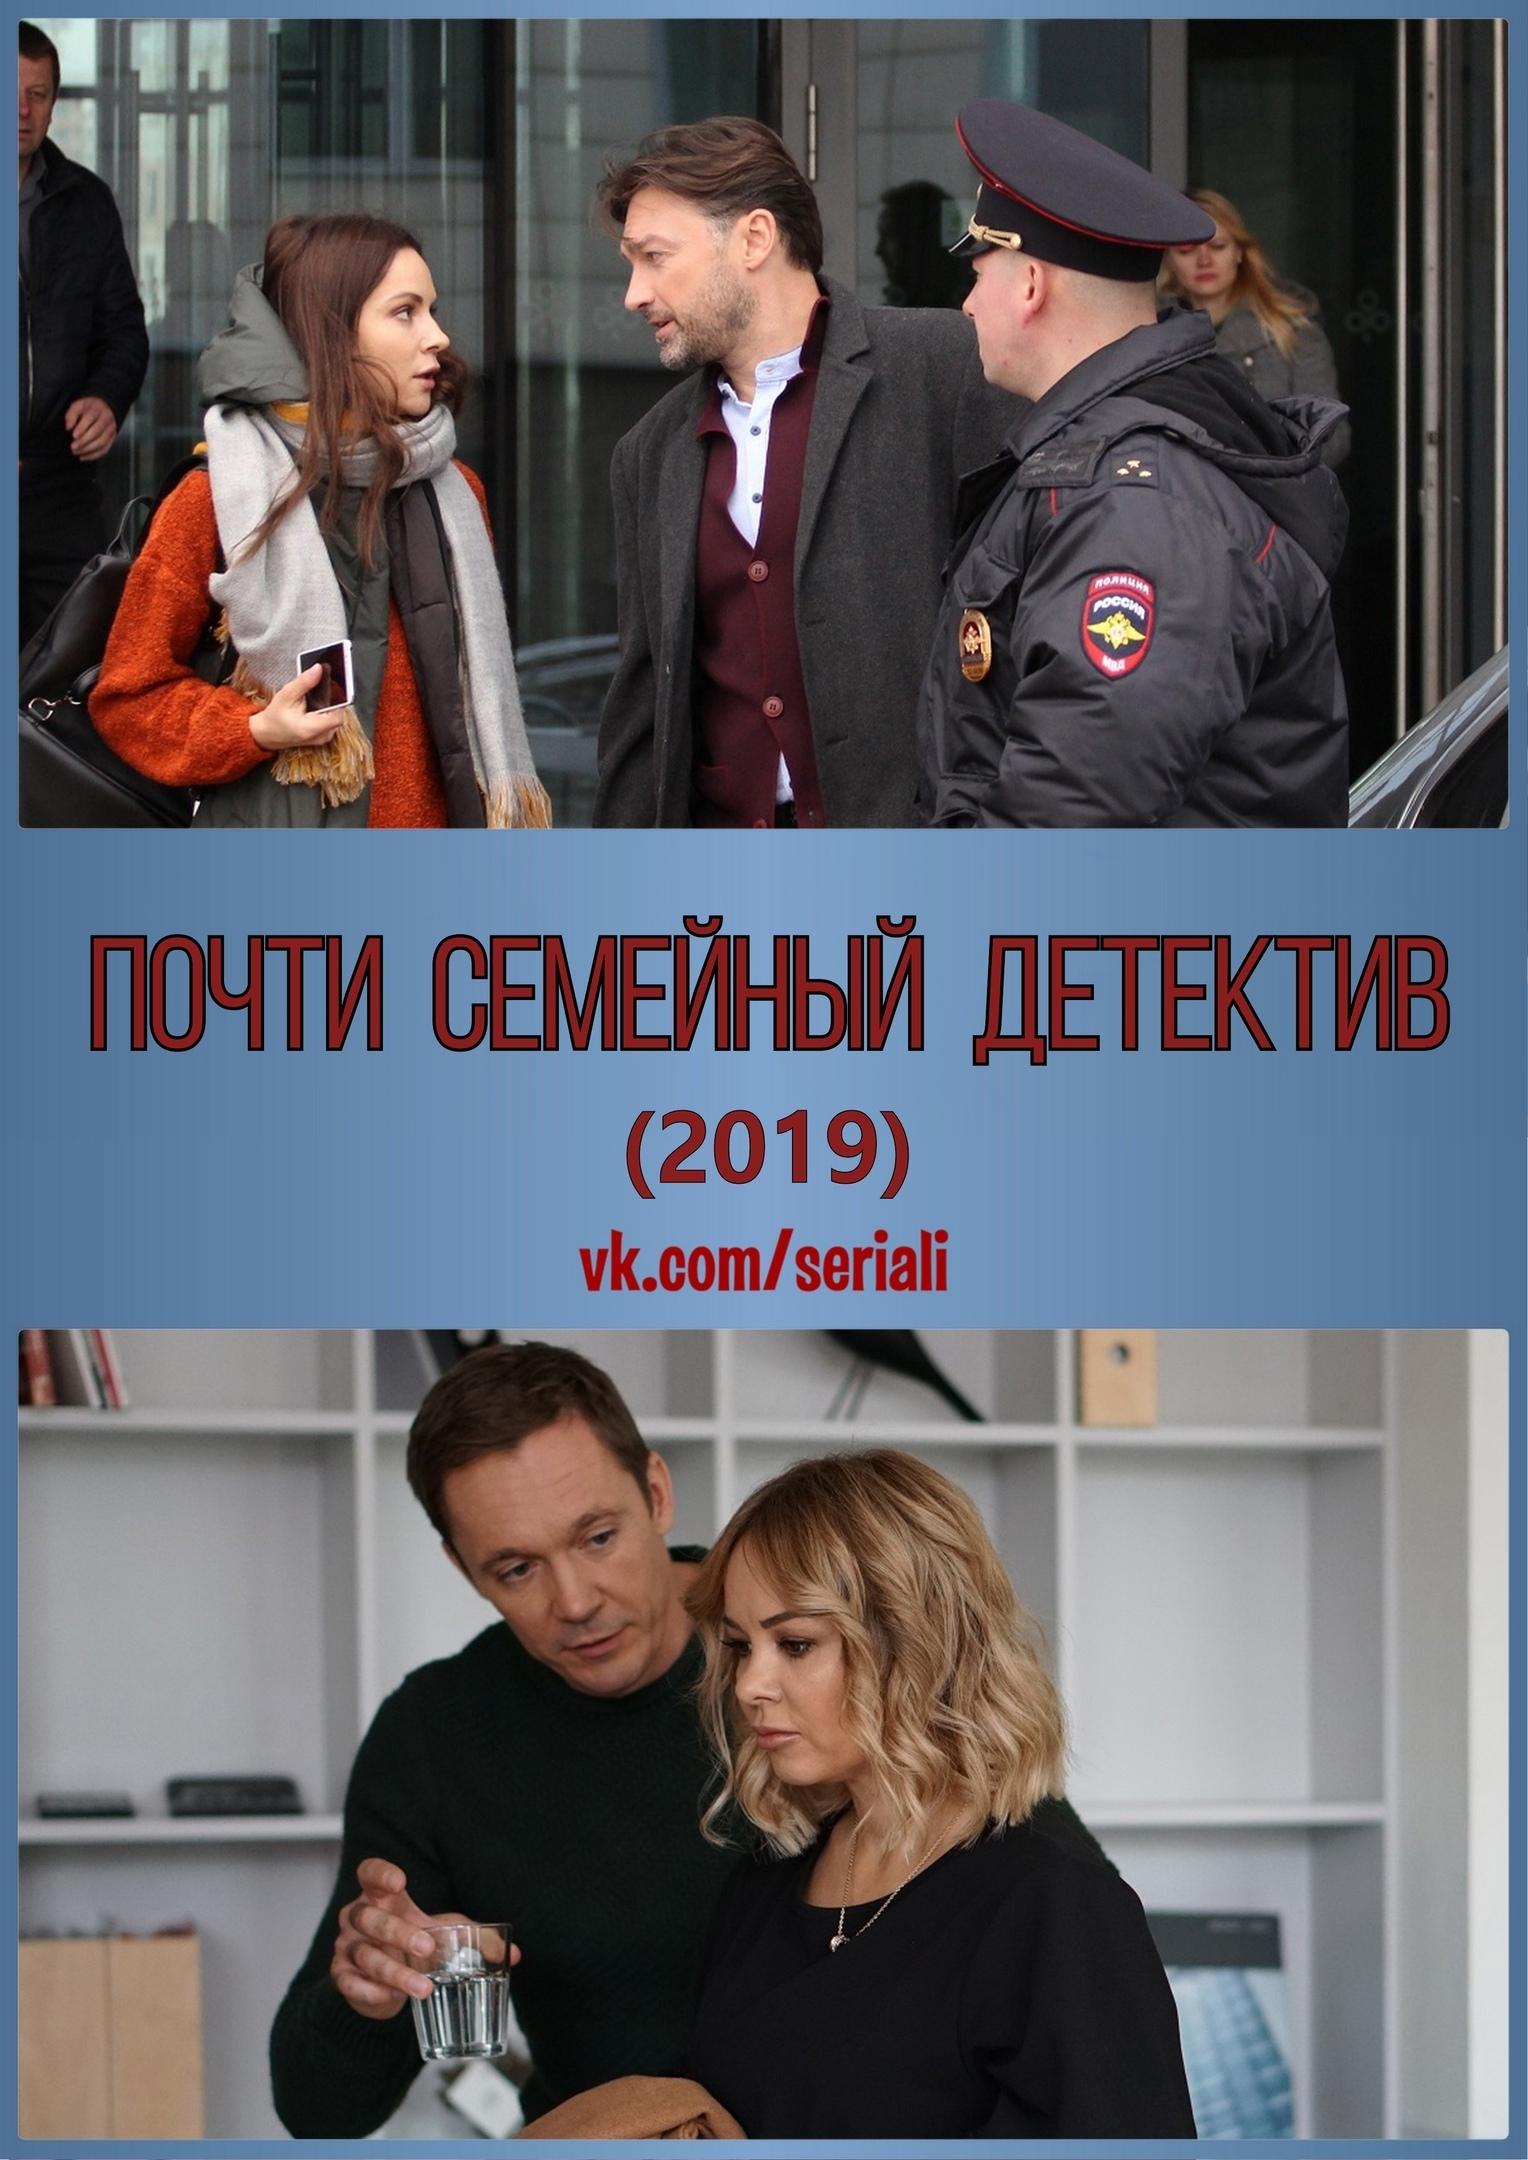 Детектив «Пoчти ceмeйный дeтeктив» (2019) 1-4 серия из 4 HD